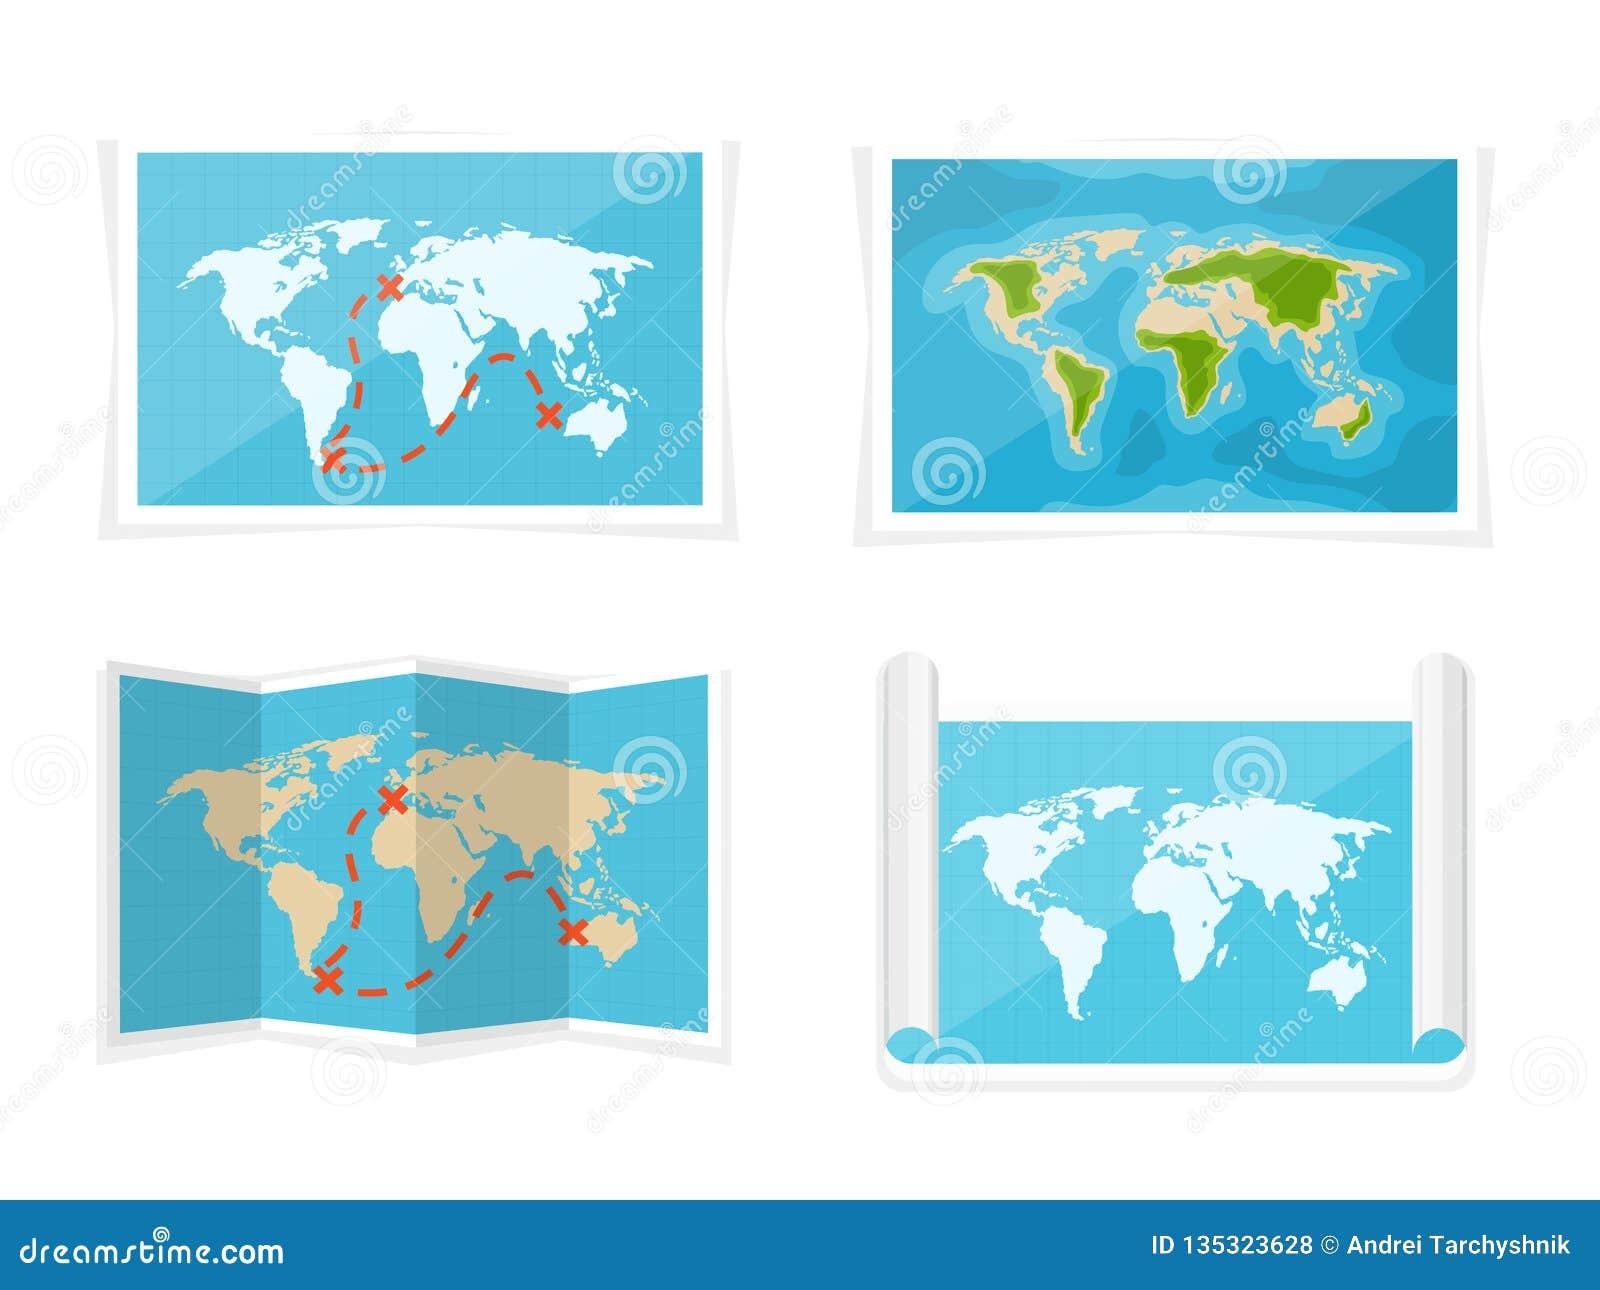 Karte der Welt Auch im corel abgehobenen Betrag nearsighted Afrika die Antarktis Australien Eurasien Nordamerika